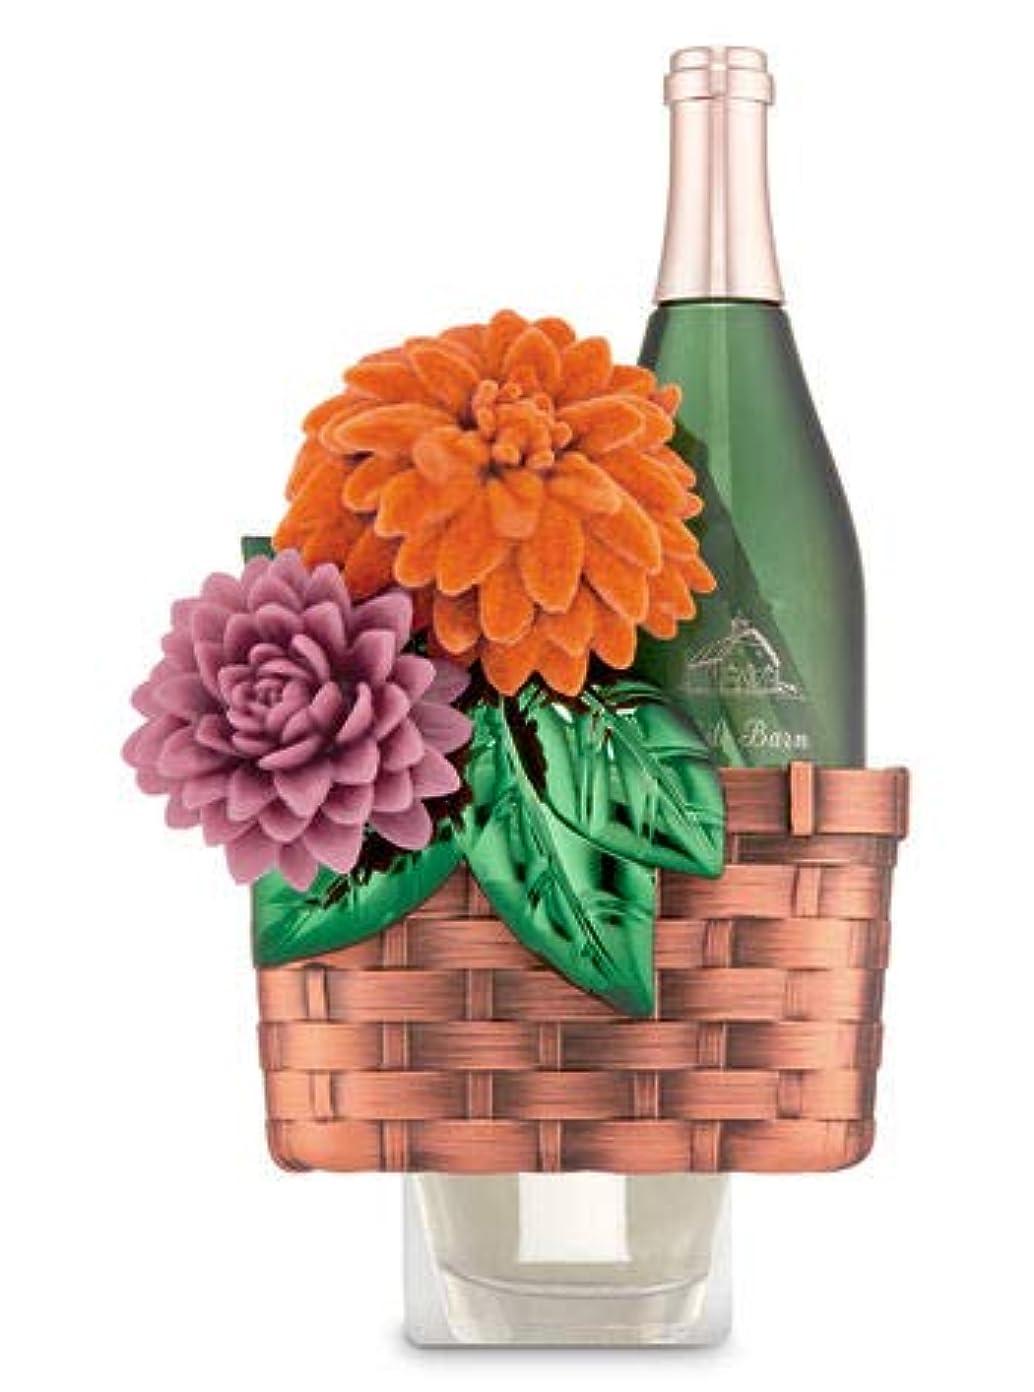 音楽家クラックポットコマース【Bath&Body Works/バス&ボディワークス】 ルームフレグランス プラグインスターター (本体のみ) ワインバスケット Wallflowers Fragrance Plug Wine Basket [並行輸入品]